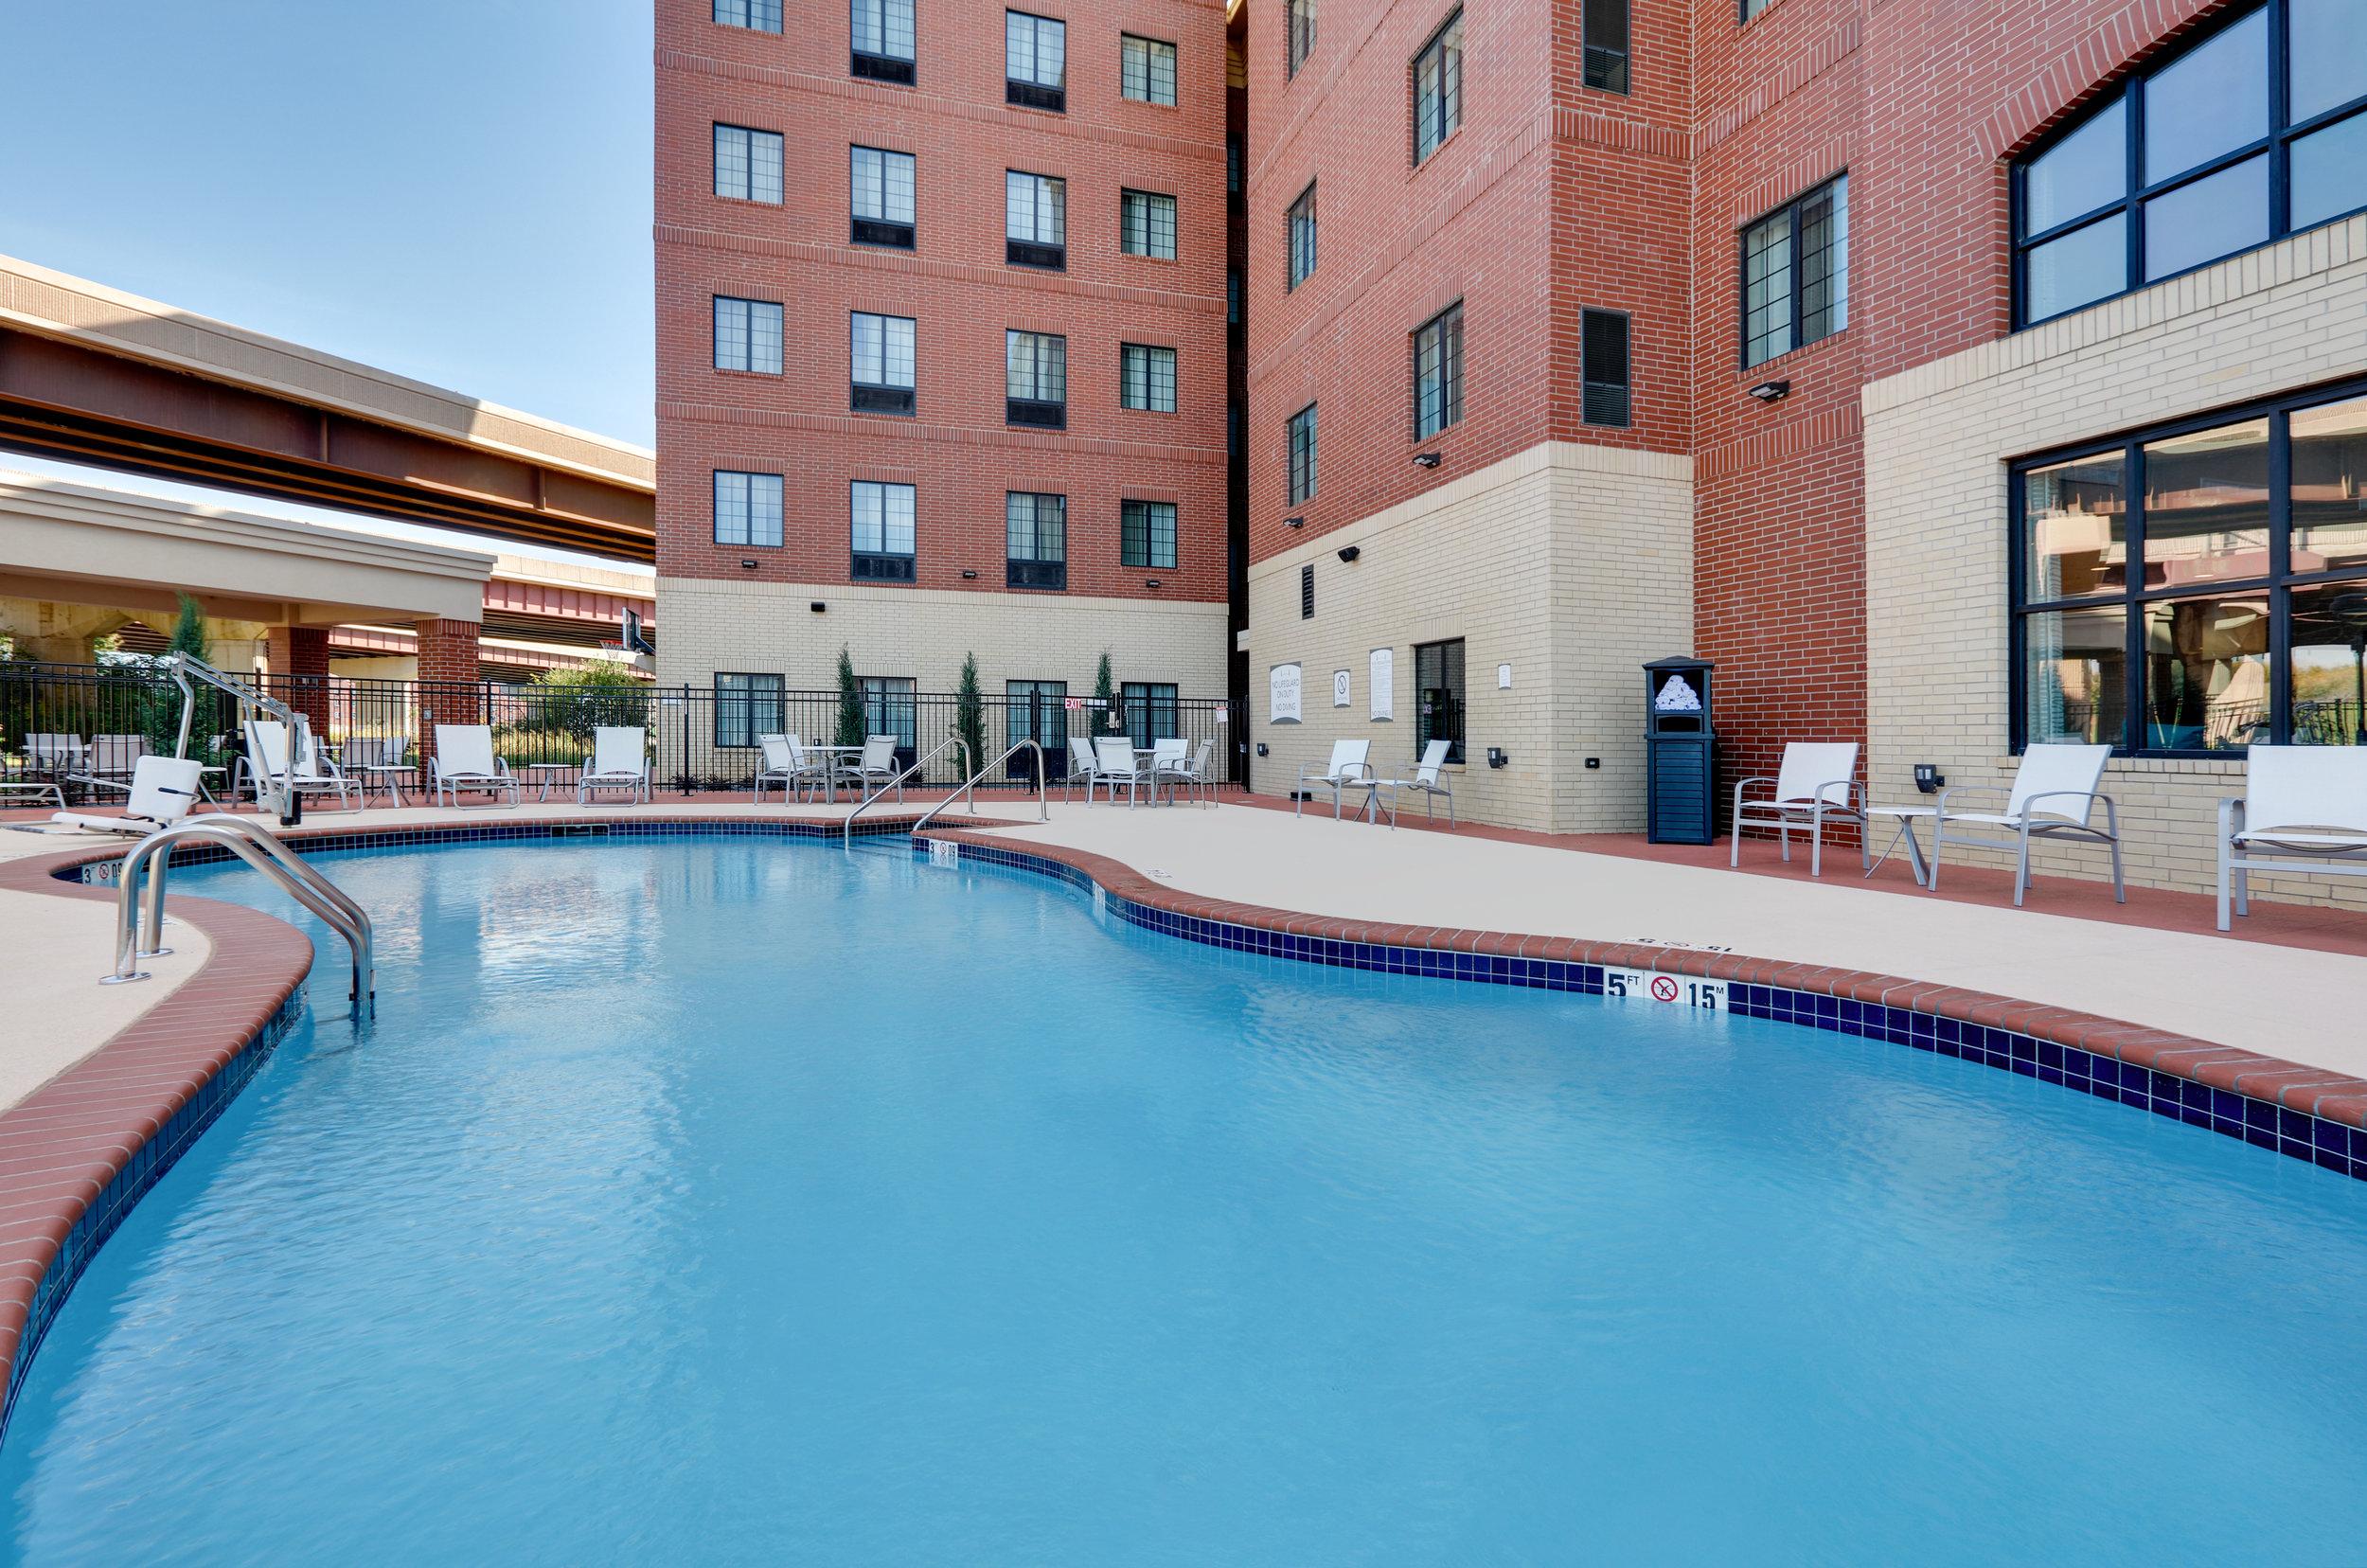 OKCSB_Staybridge_Suites_Oklahoma_City_Pool_1.jpg